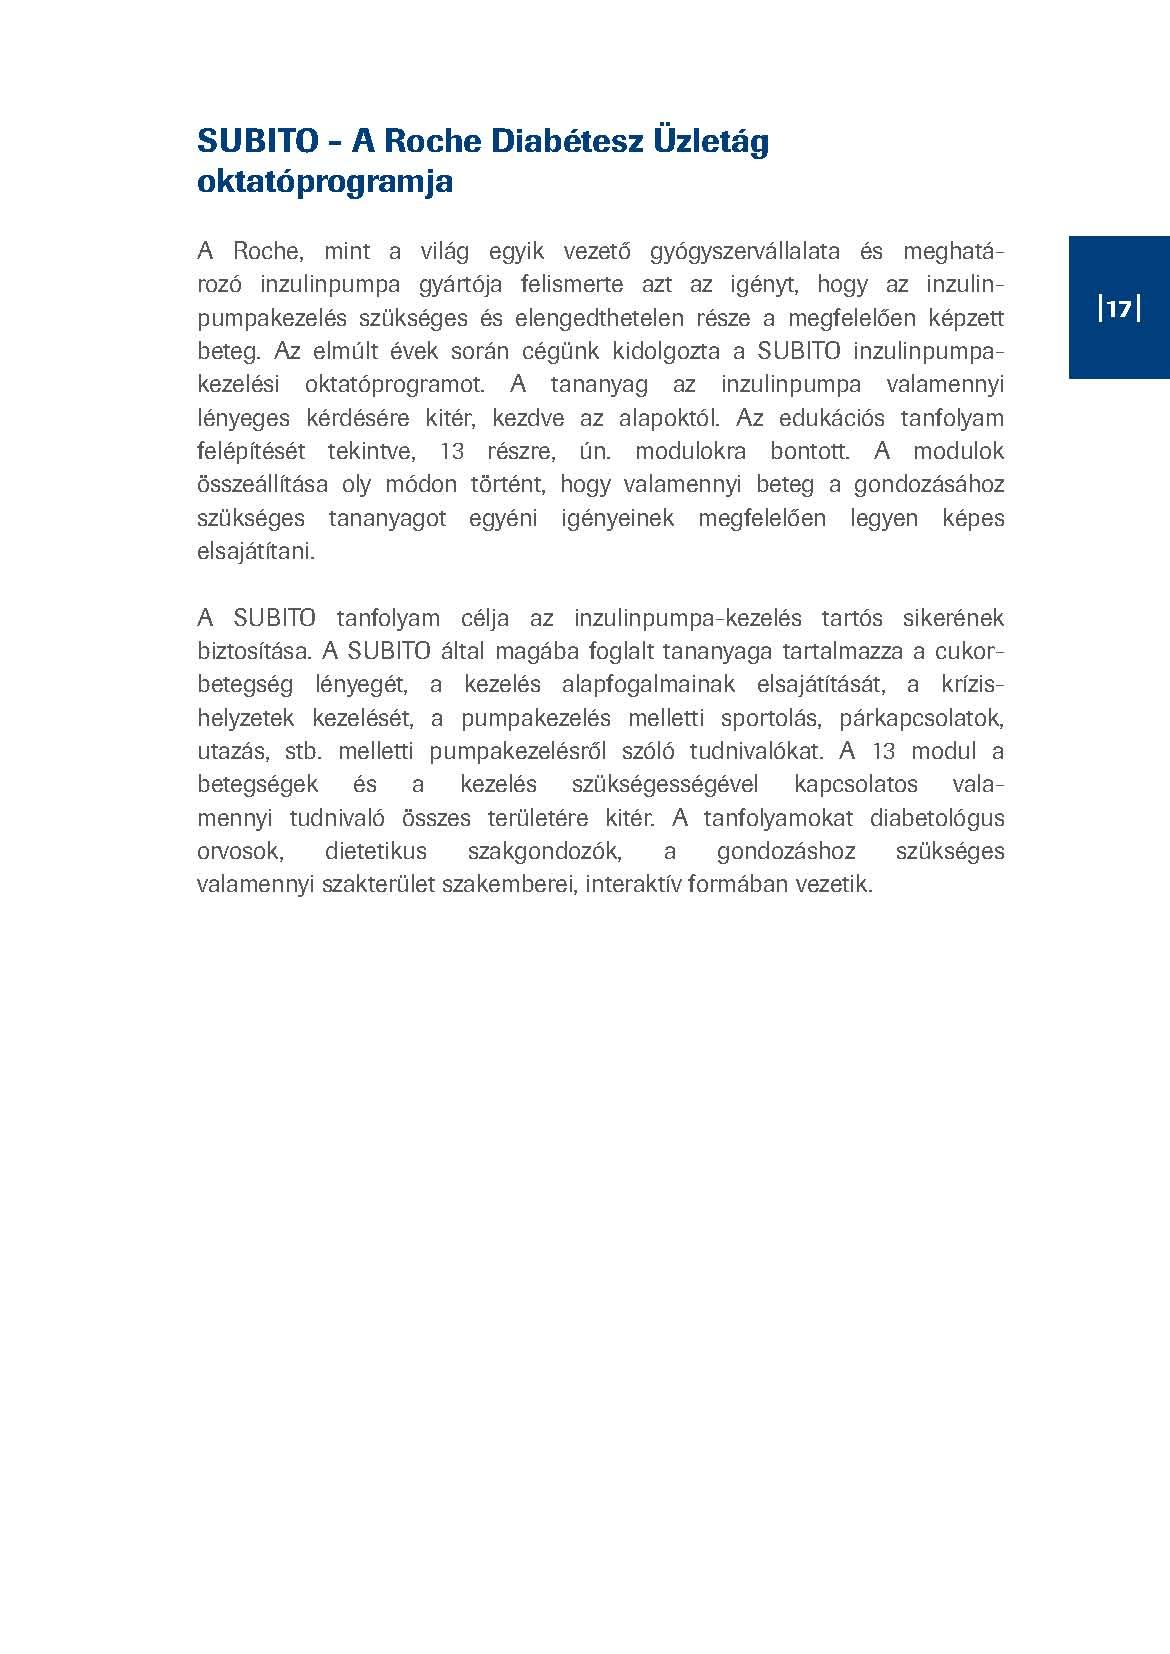 Cukorbeteg gyermek a csaladban A5-20 oldal_17_Page_17